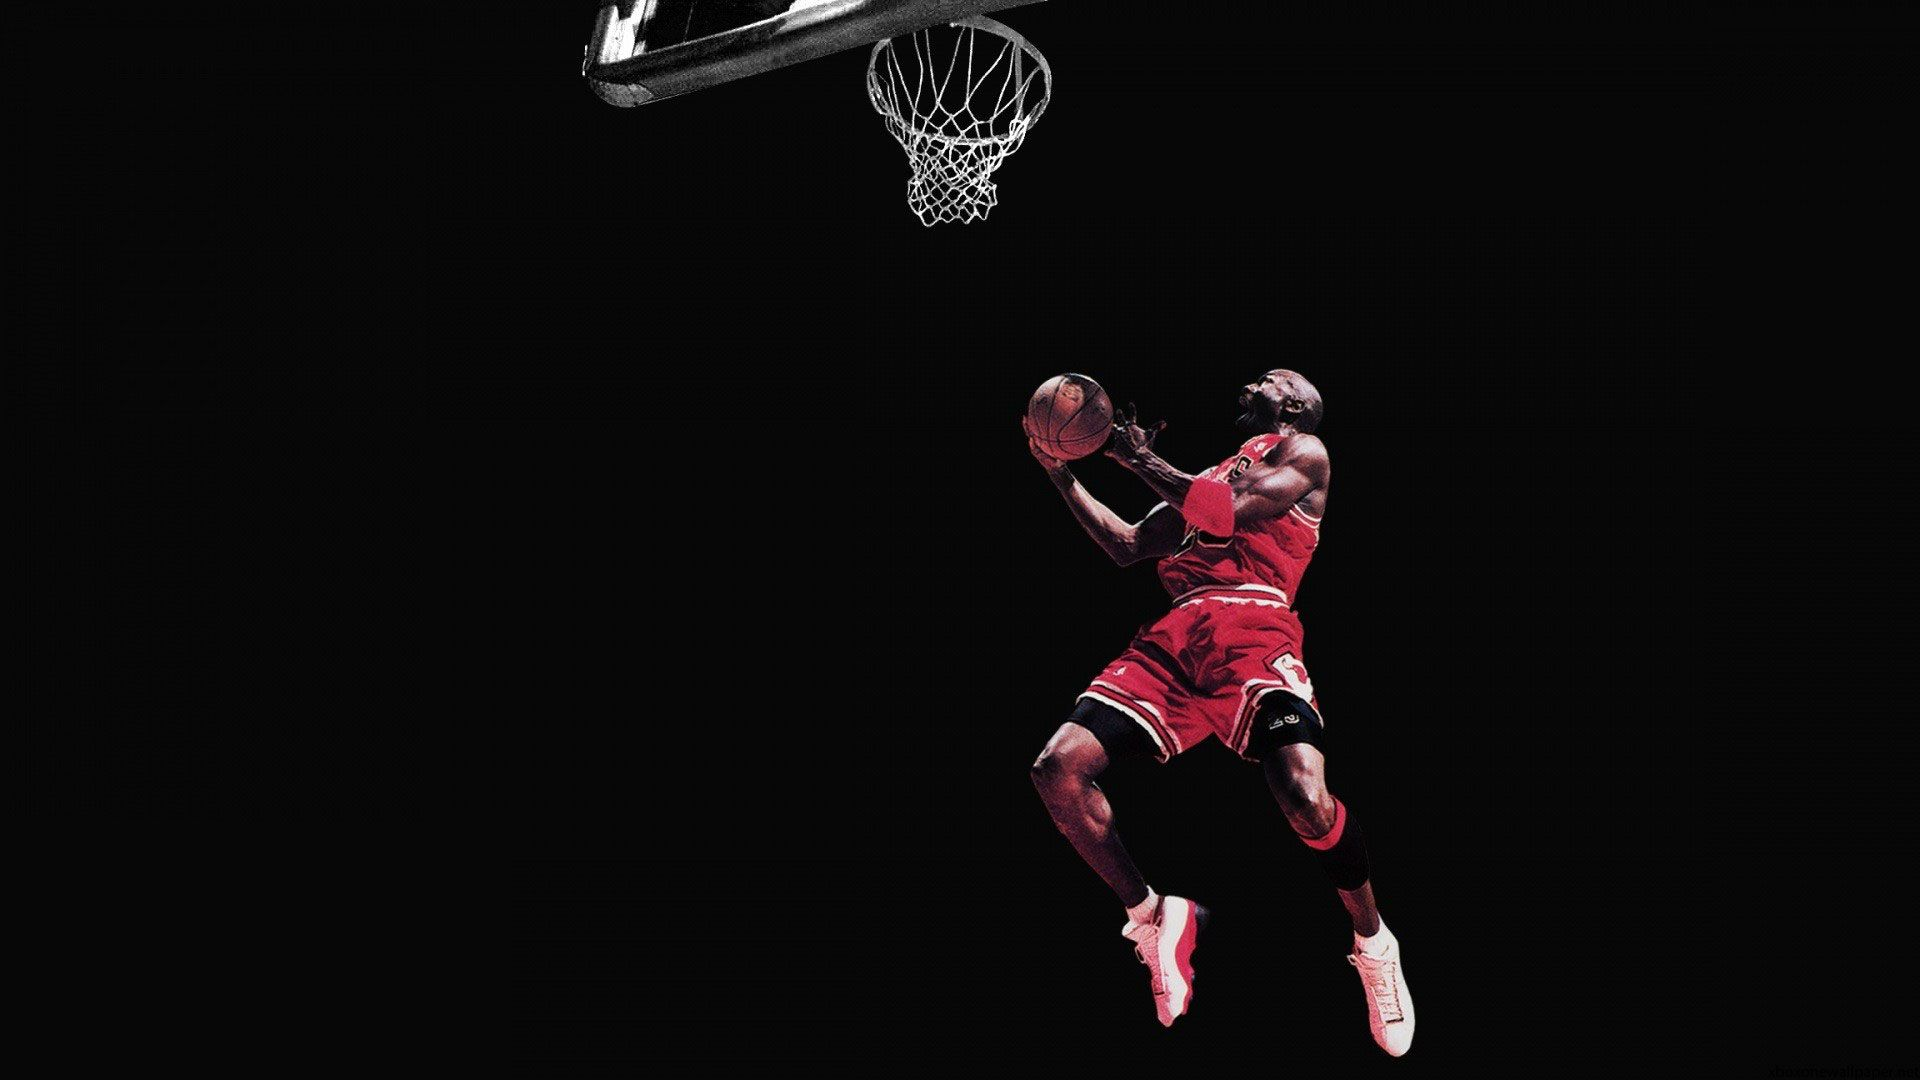 Michael Jordan Wallpaper Xbox One - WallpaperSafari   Android ...